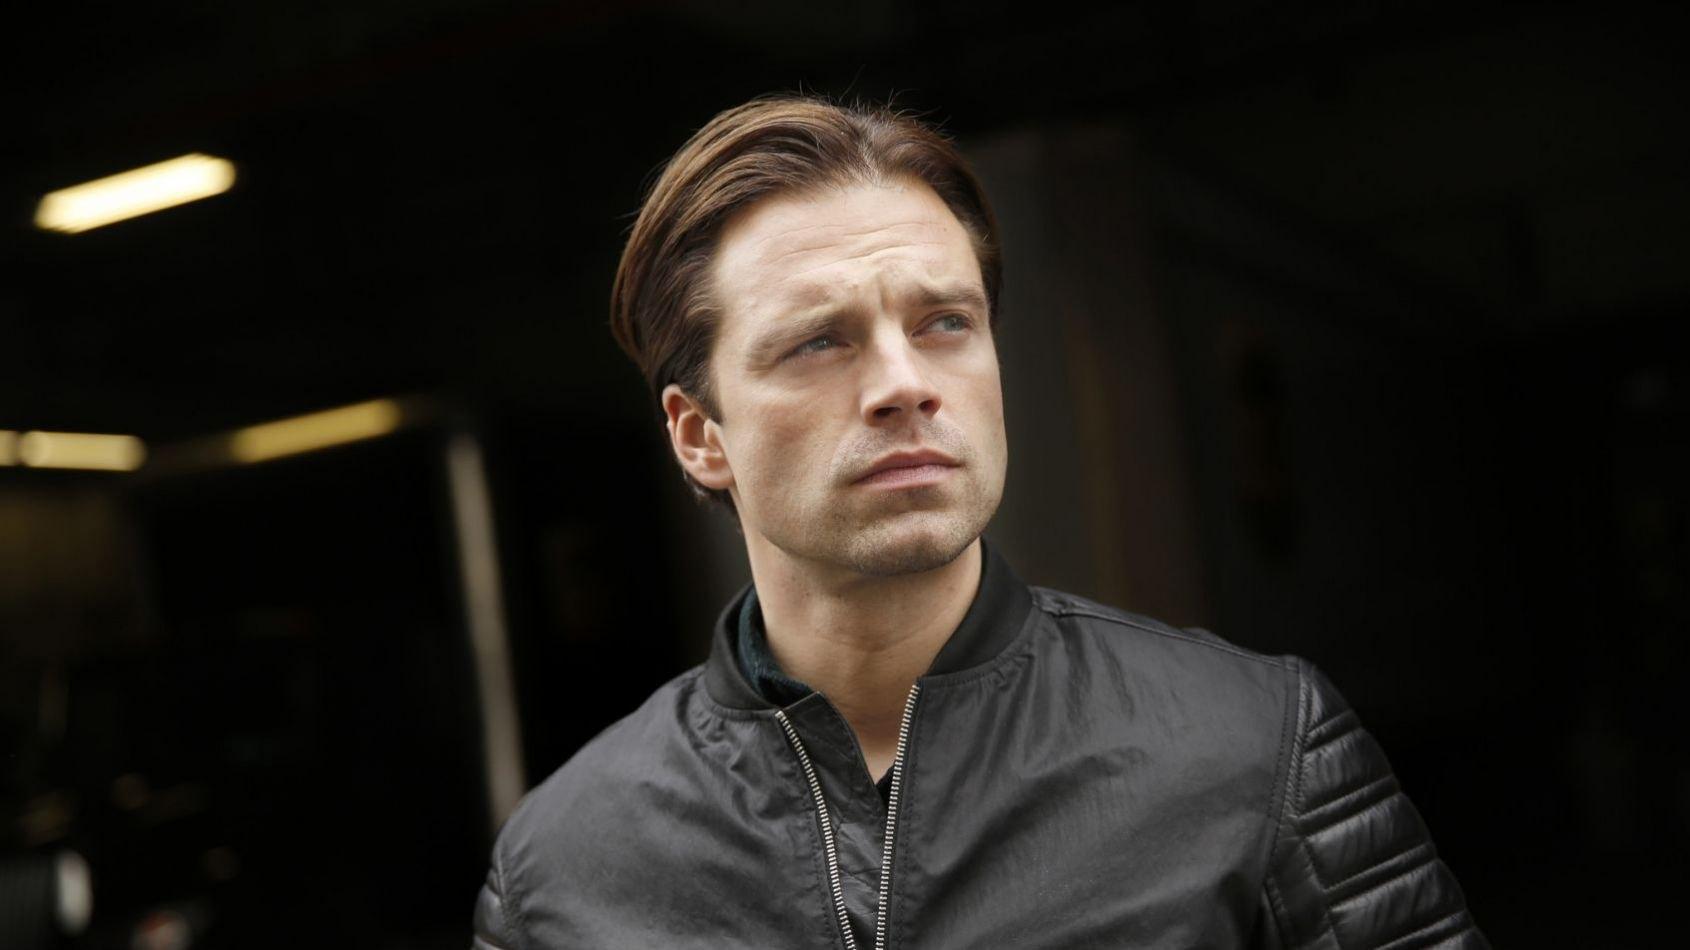 Sebastian Stan aimerait jouer Luke Skywalker jeune